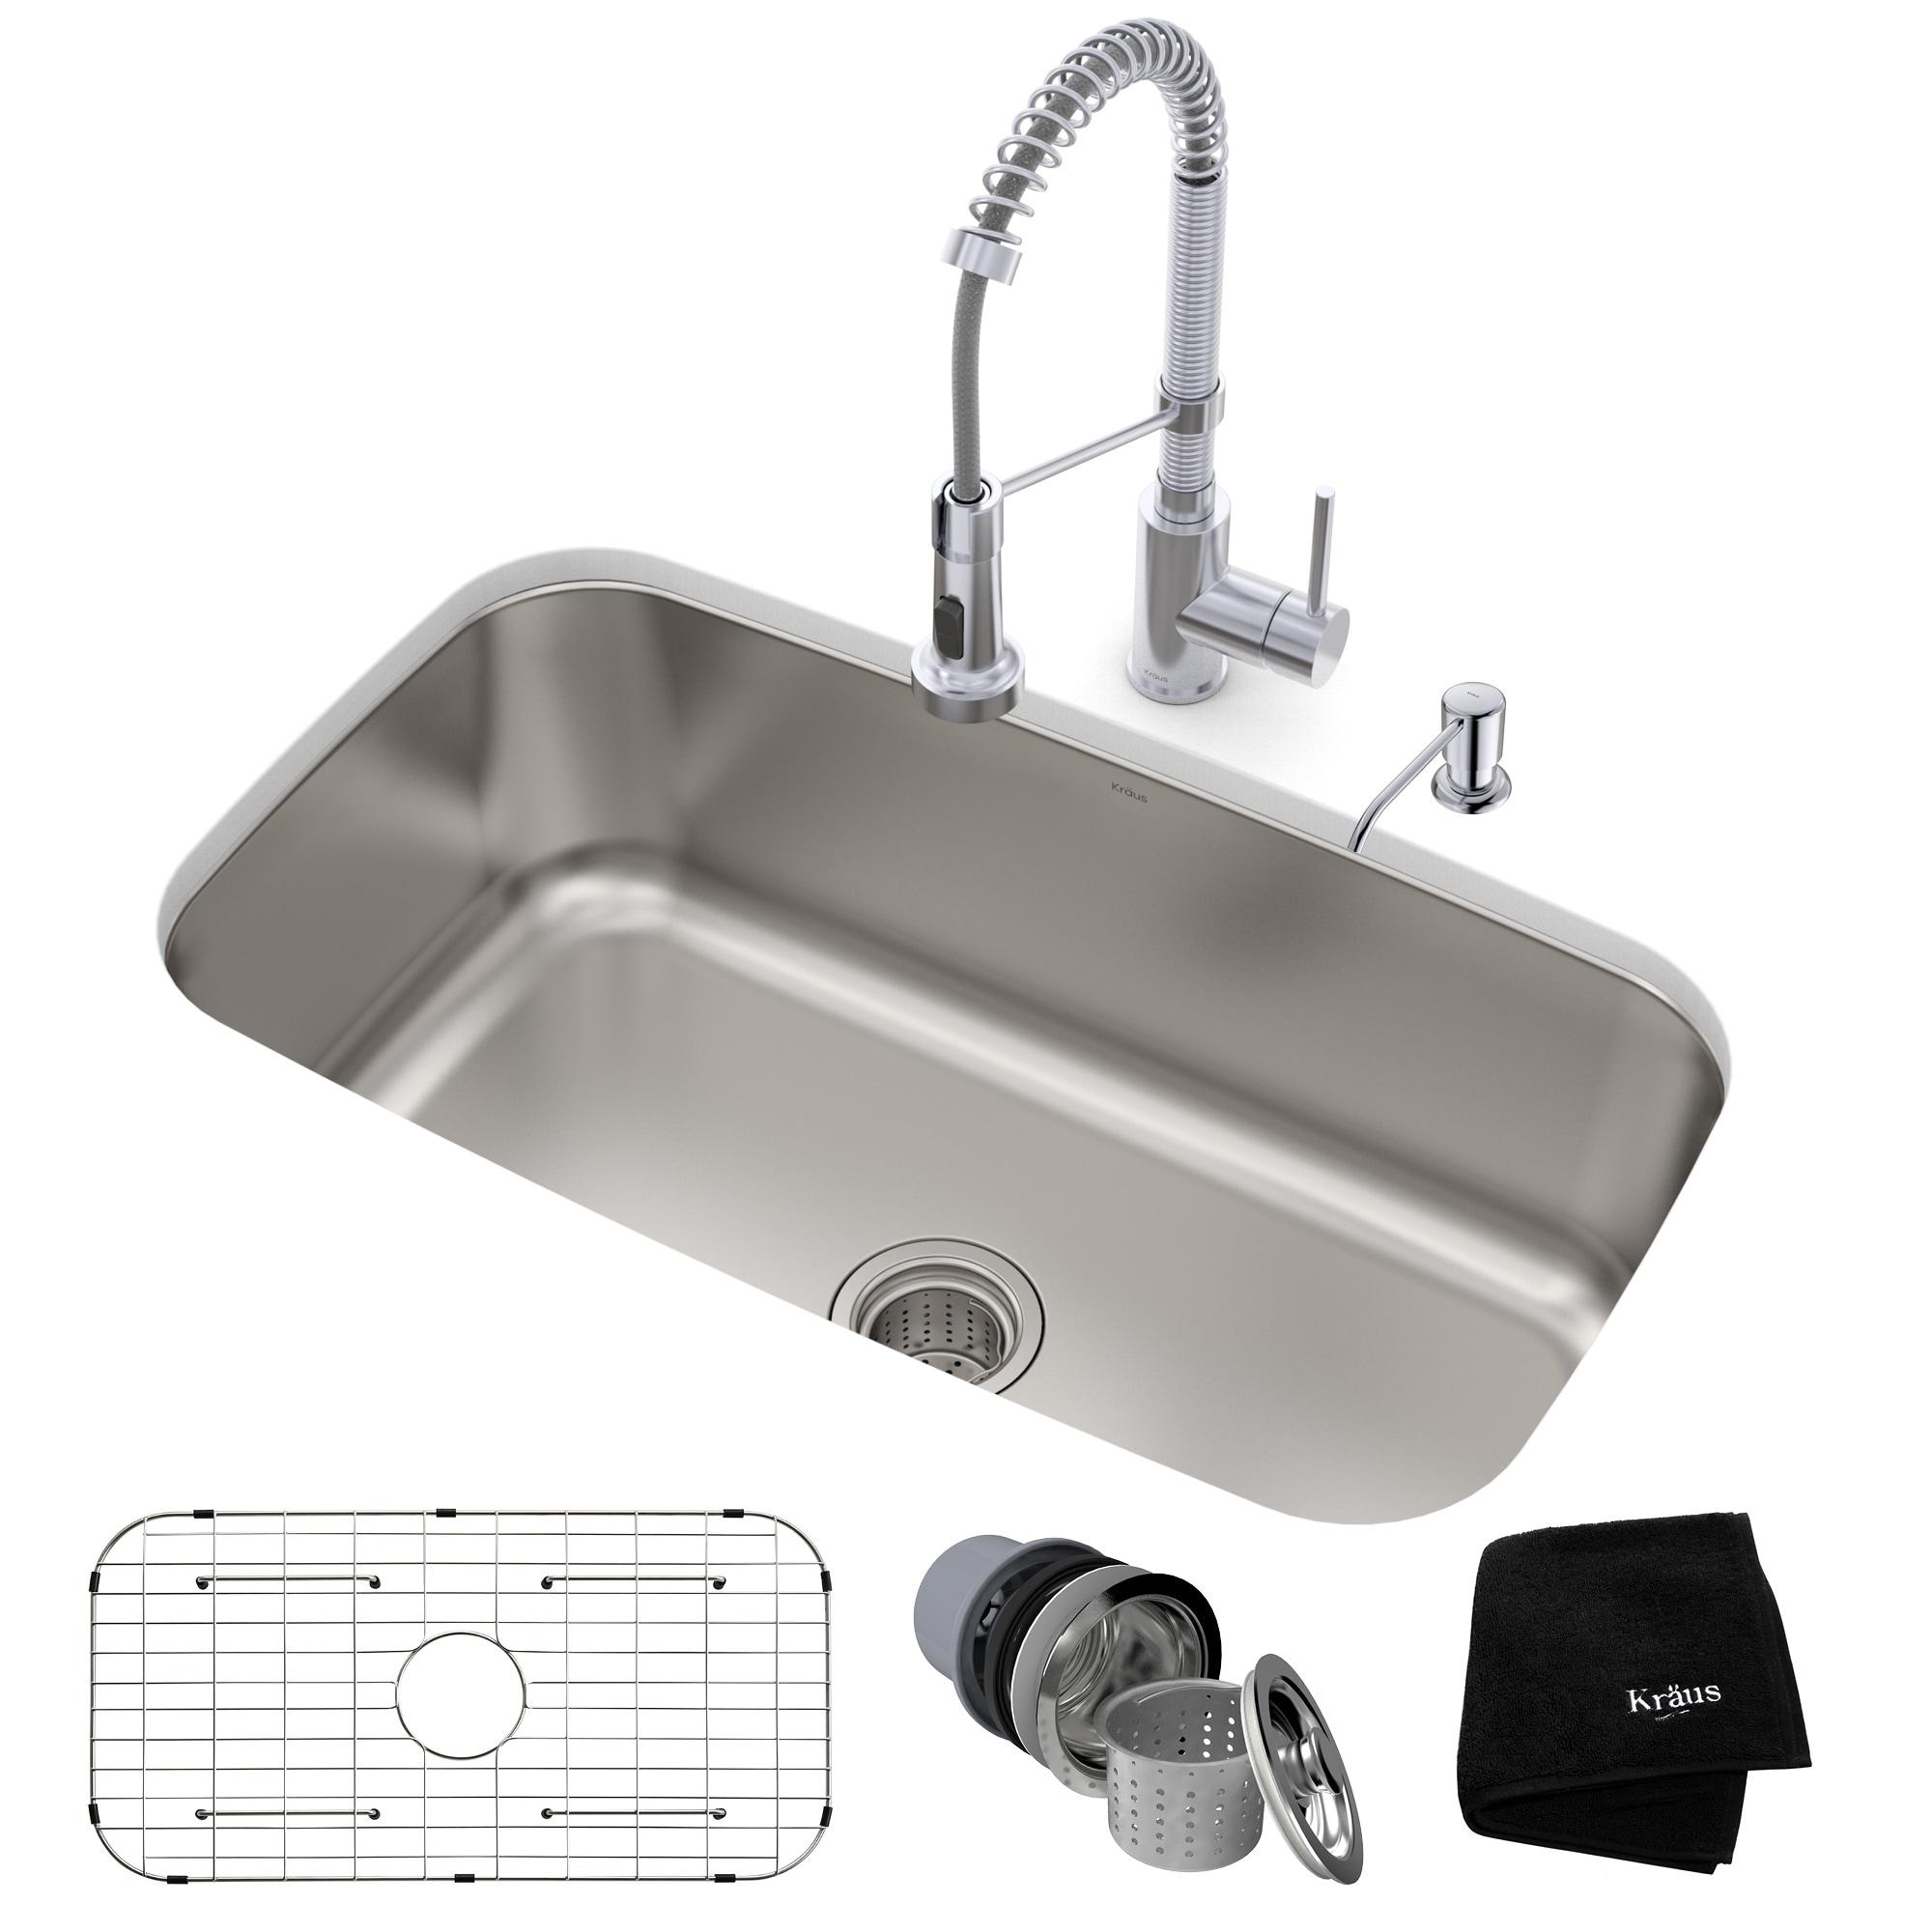 Excellent Details About Kraus 31 1 2 Undermount 1 Bowl Stainless Steel Kitchen Sink Download Free Architecture Designs Scobabritishbridgeorg